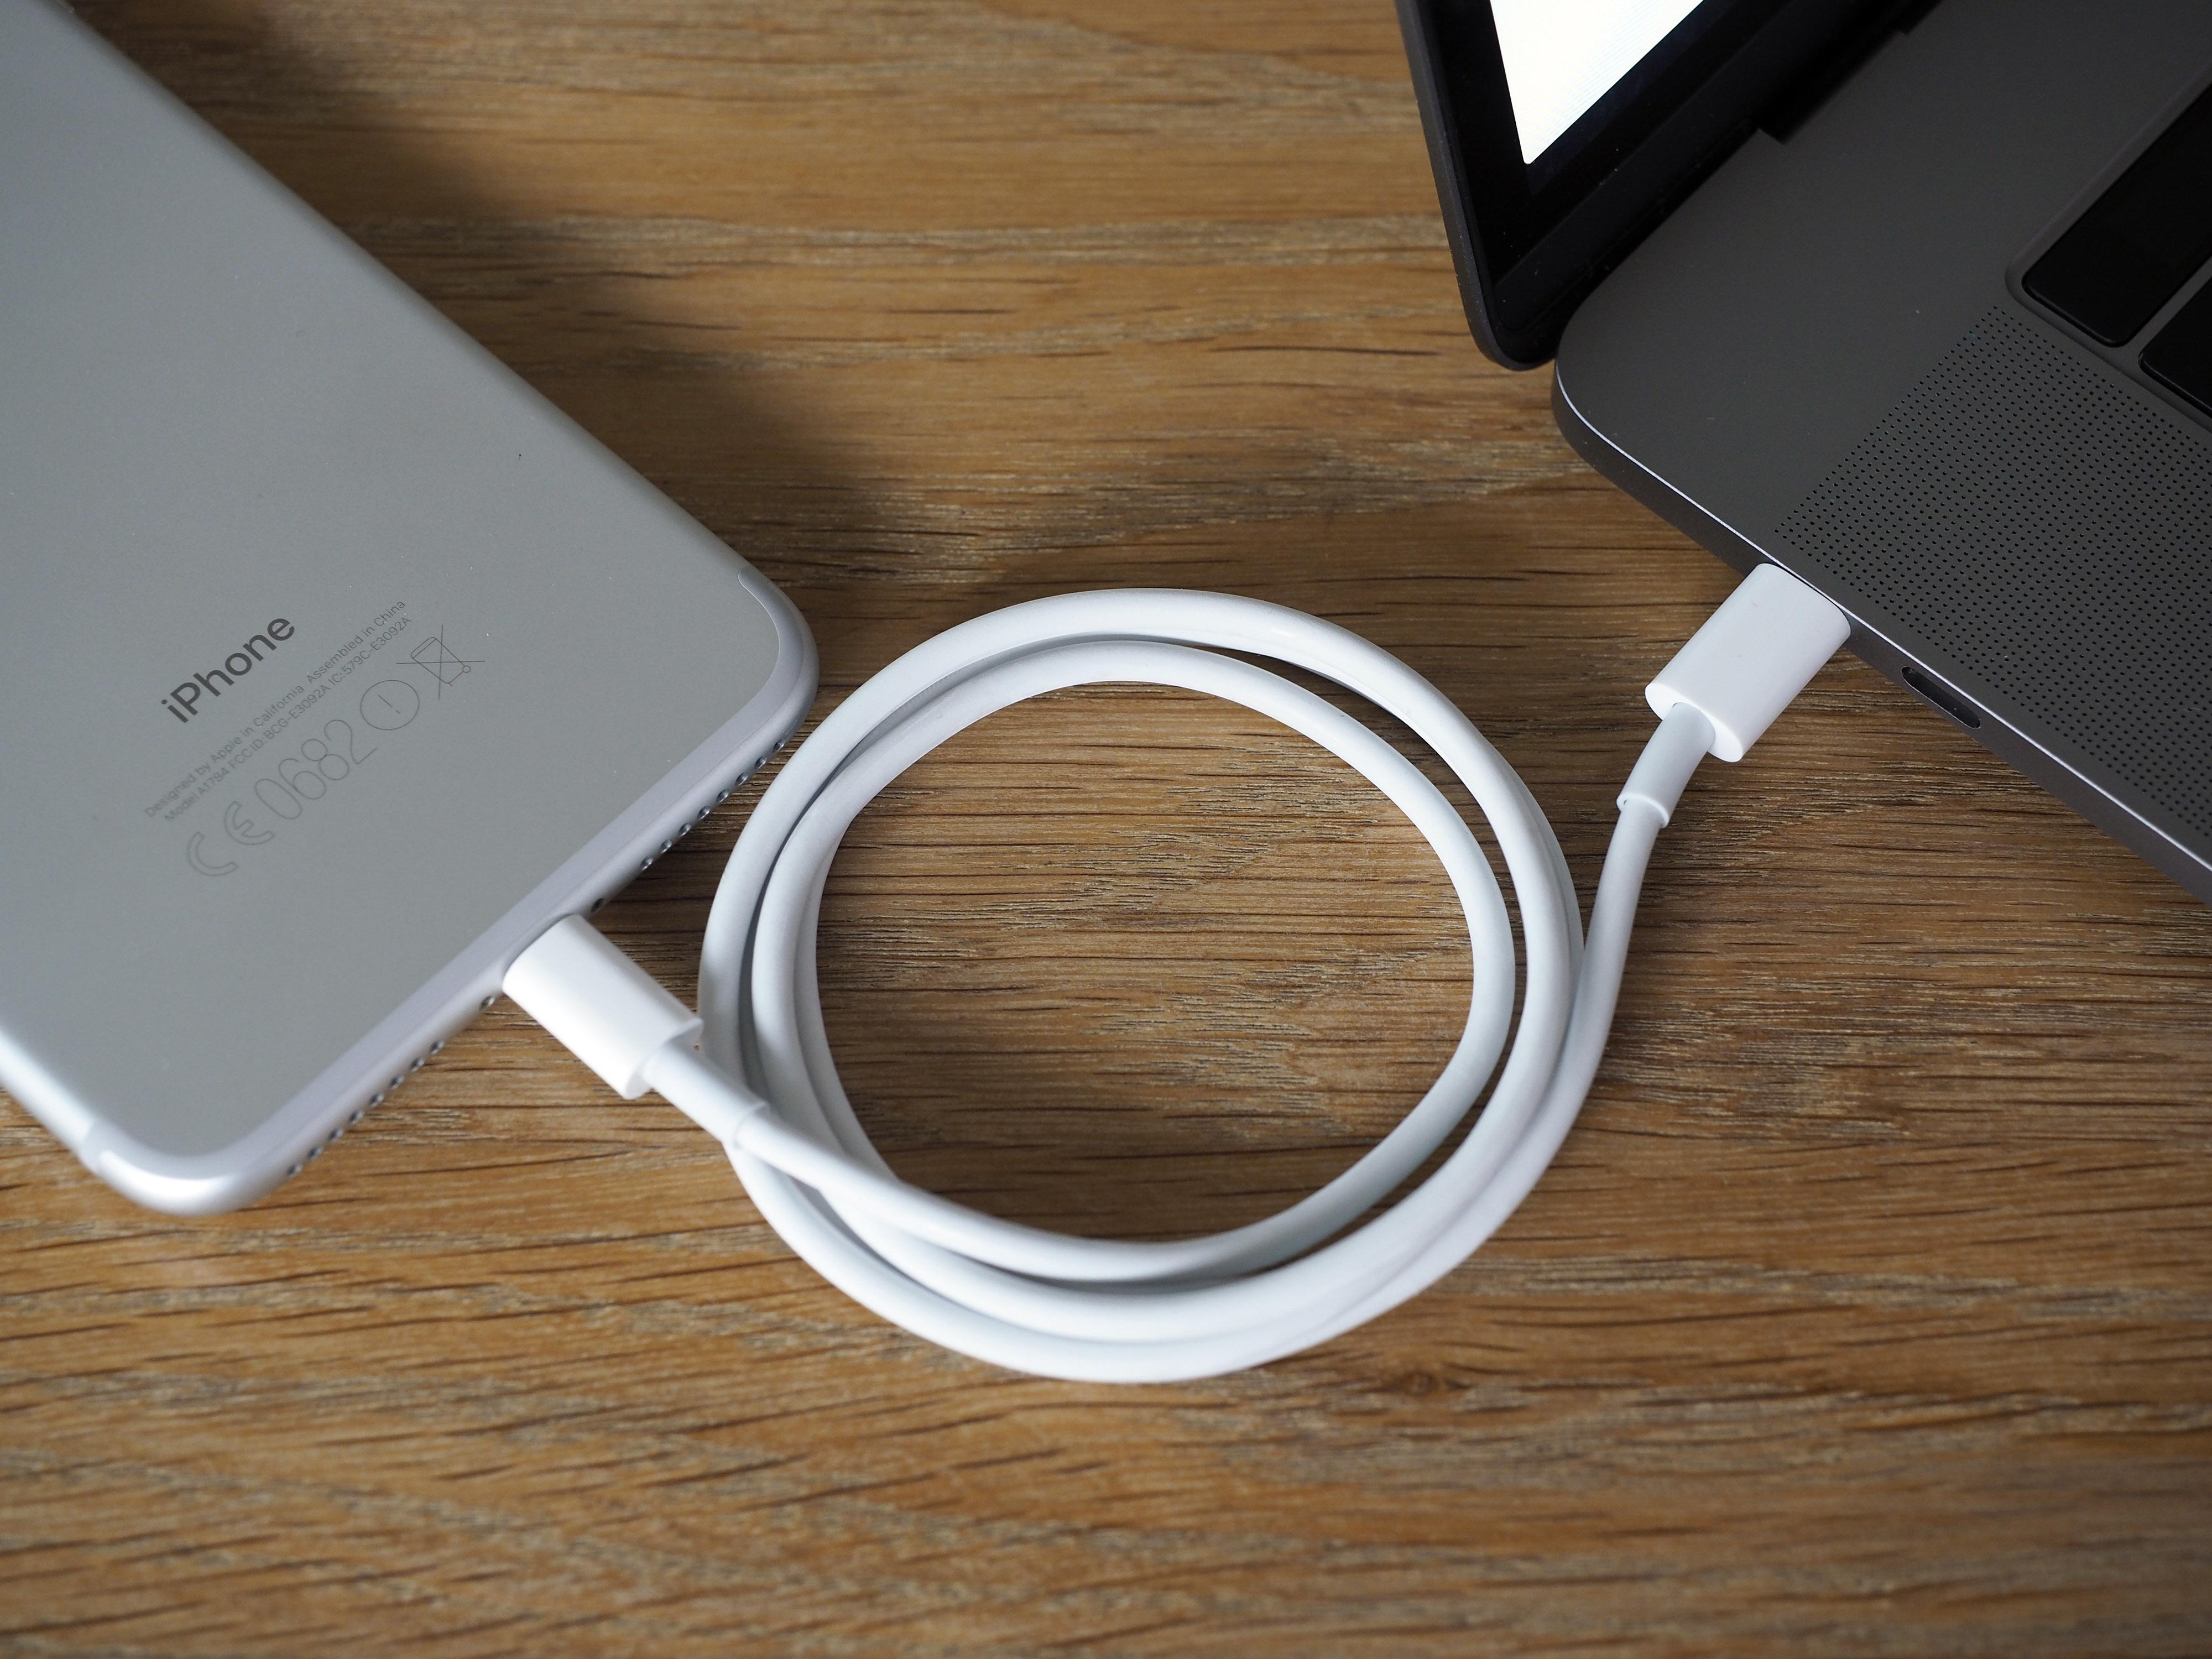 Skal du lade iPhone, trenger du en ekstra USB-C til Lightning-kabel.